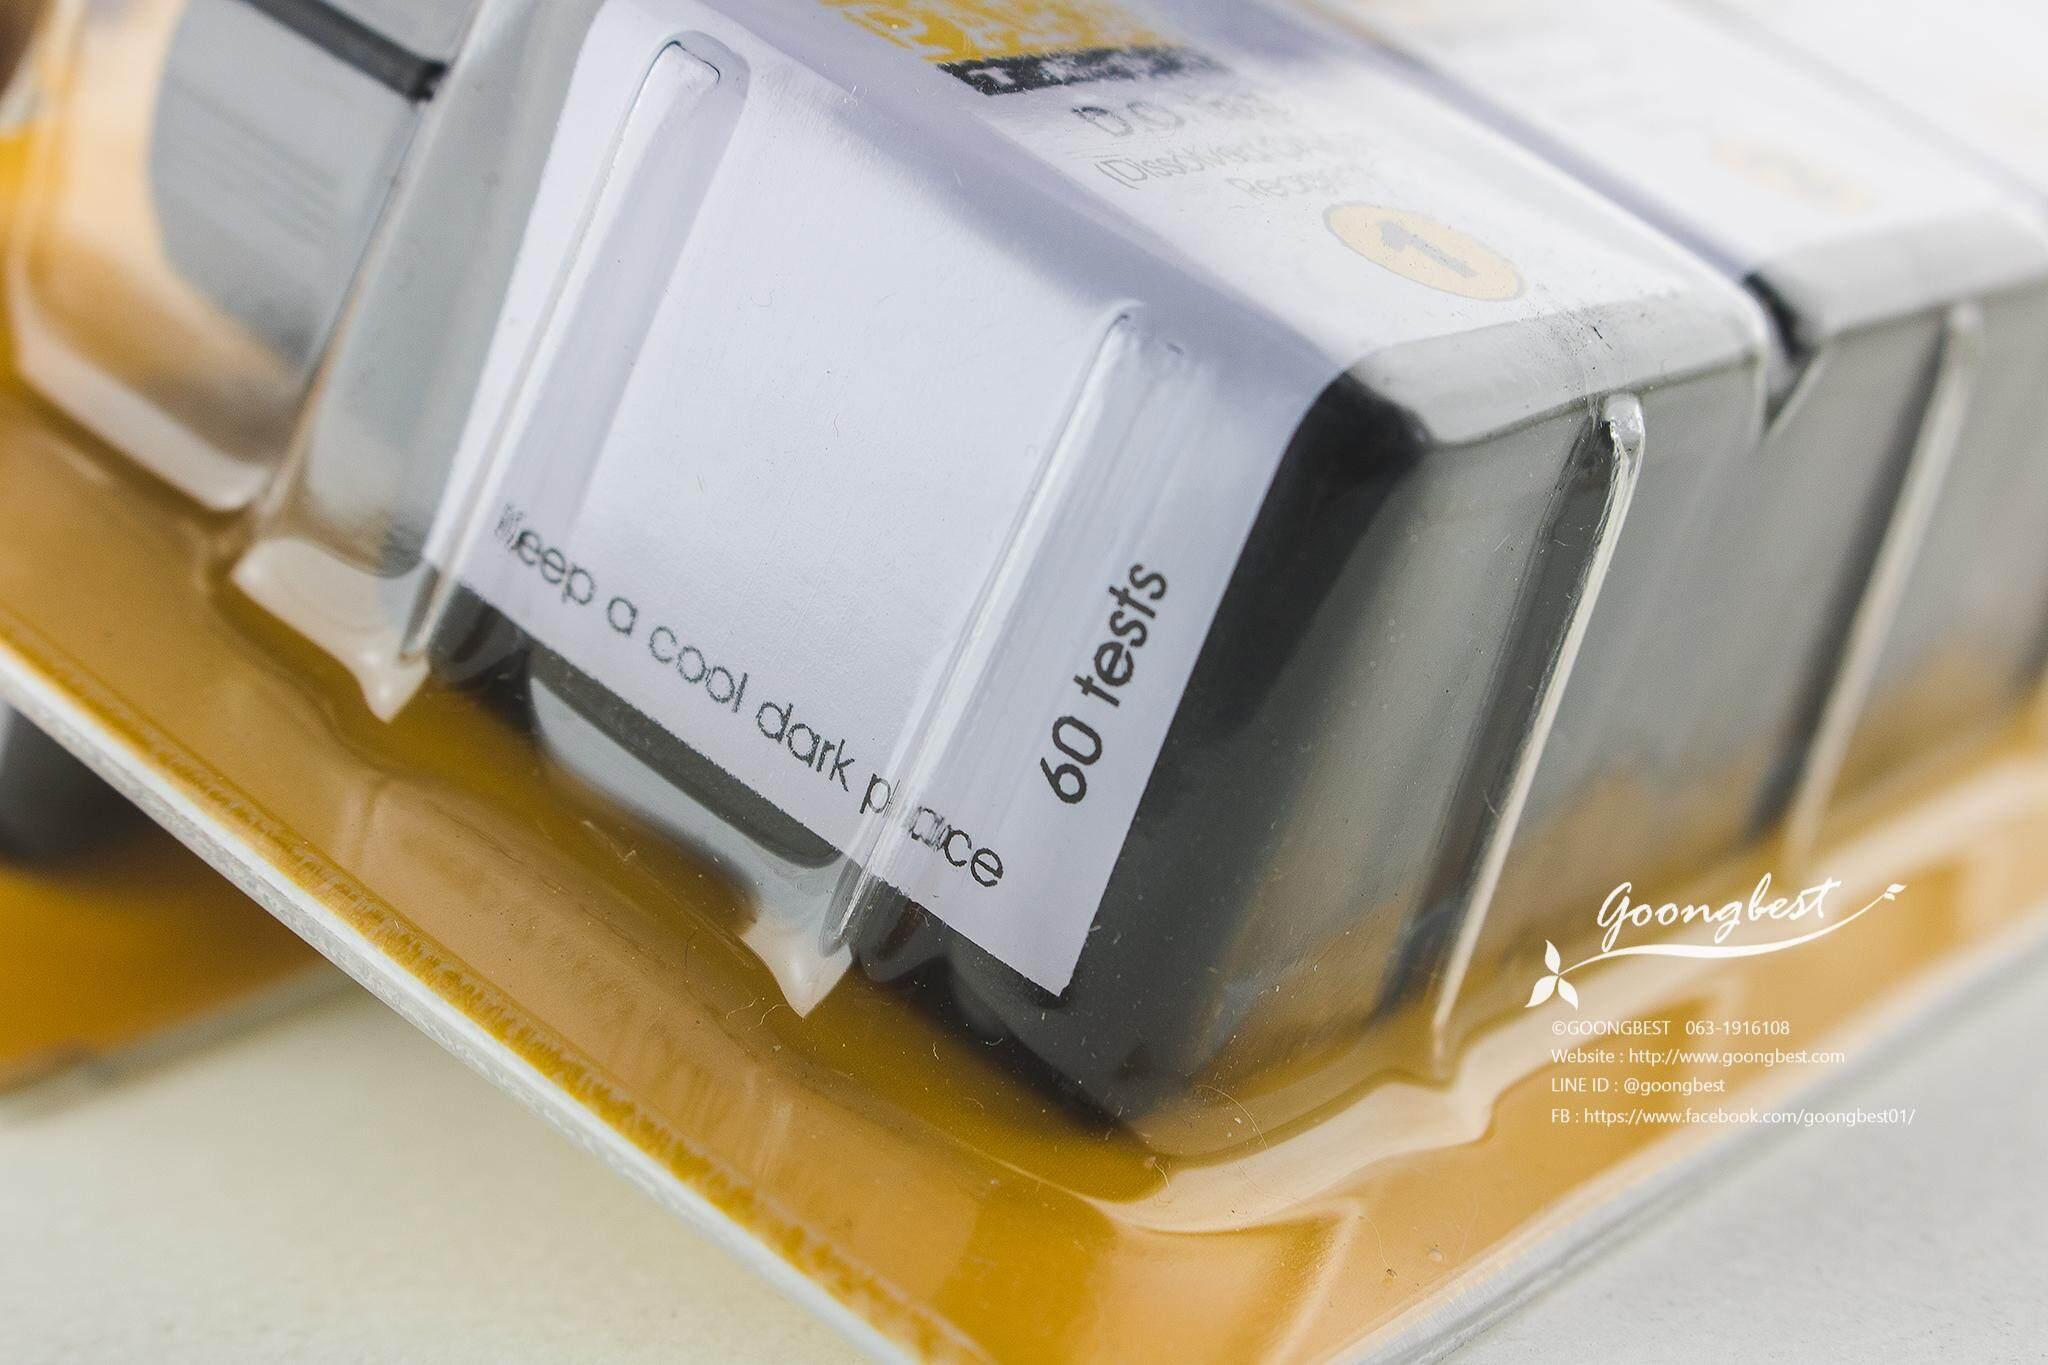 ชุดทดสอบ สำหรับวัดค่าออกซิเจนในน้ำ (D.O.)